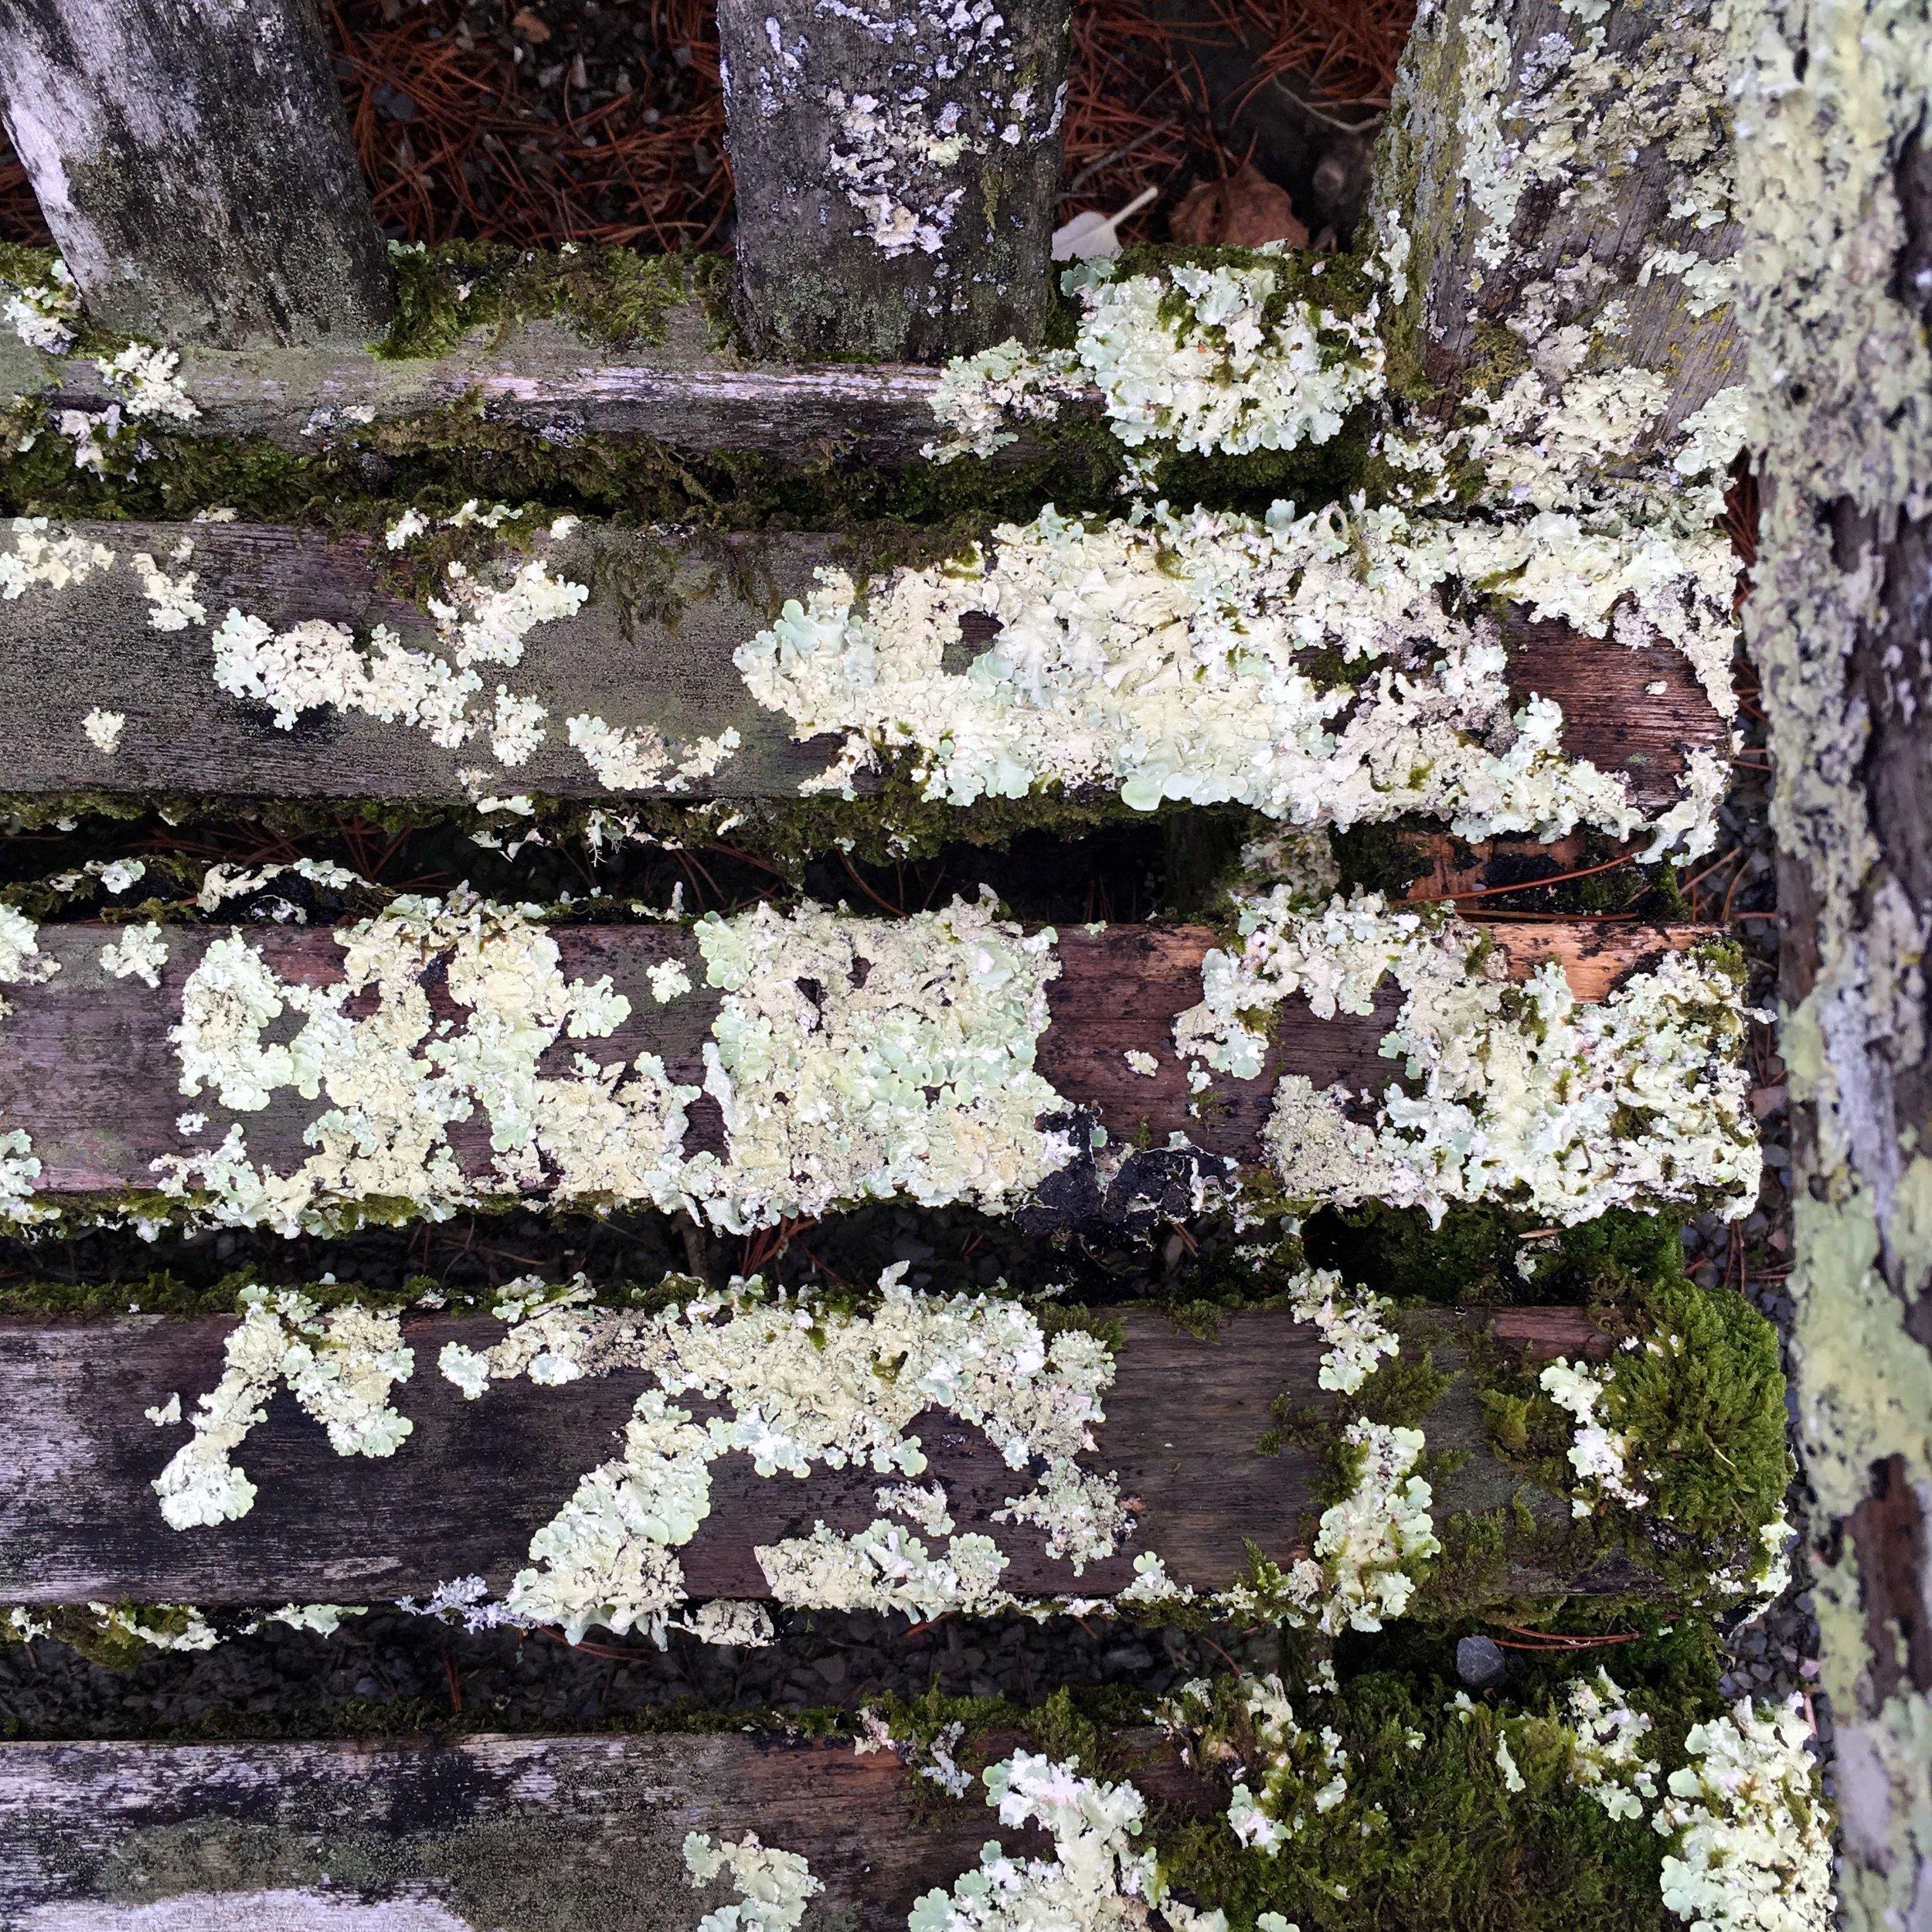 Lichen on the seat